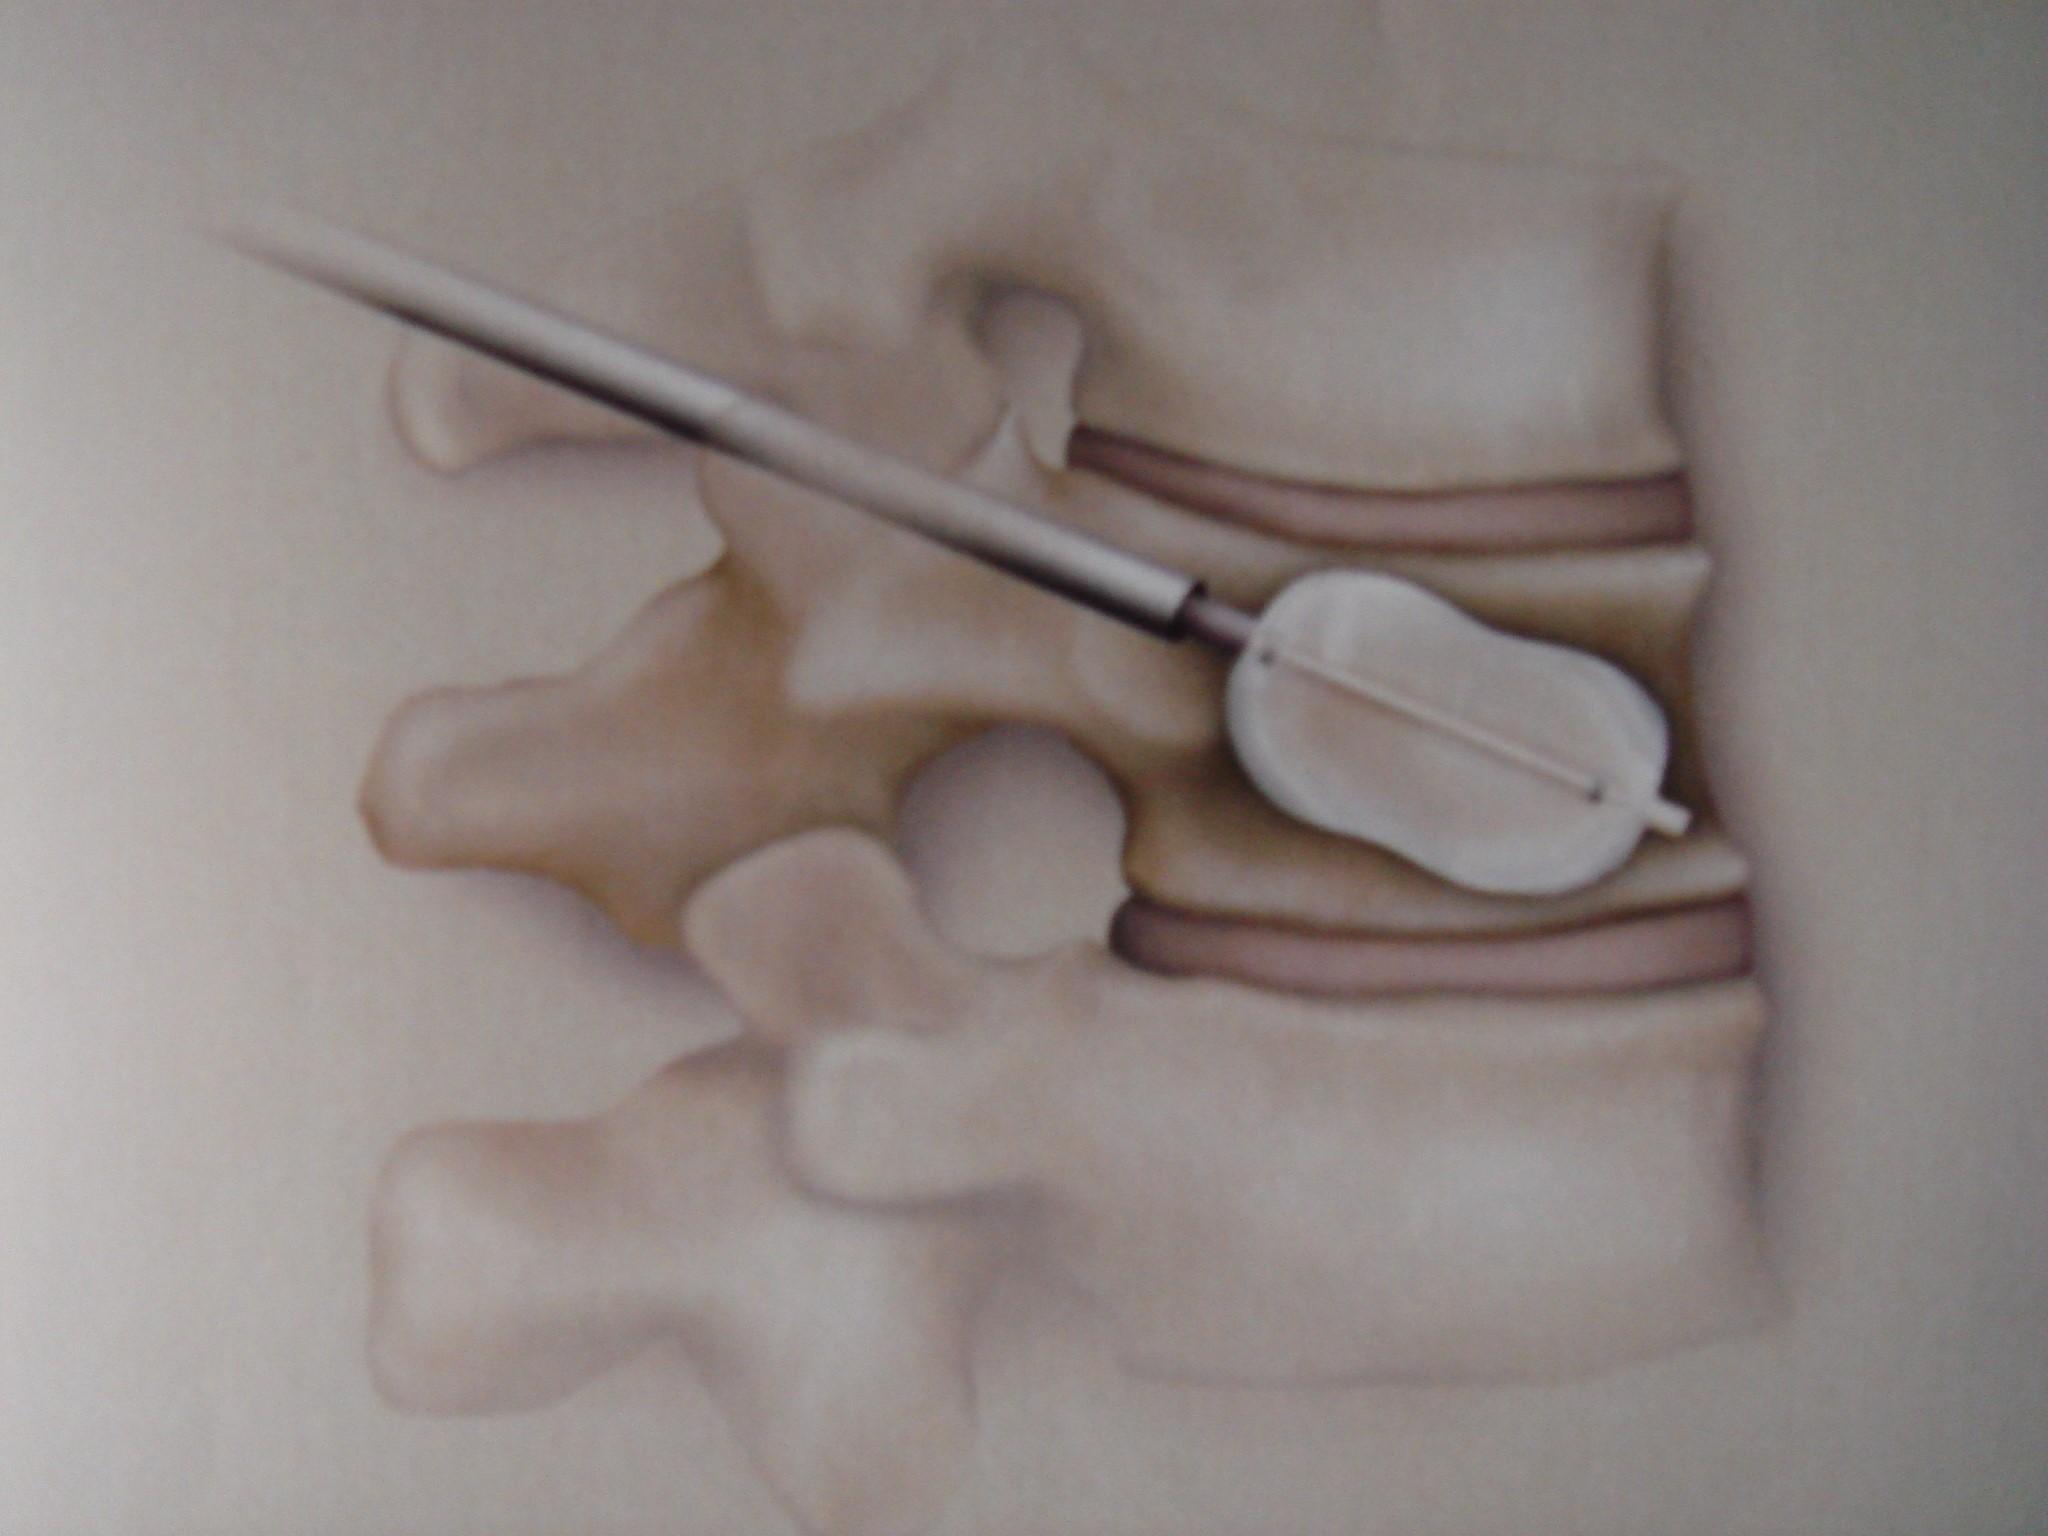 Aspecto esquemático de insuflação de balão para restaurar a altura do corpo vertebral fraturado (vista em perfil).